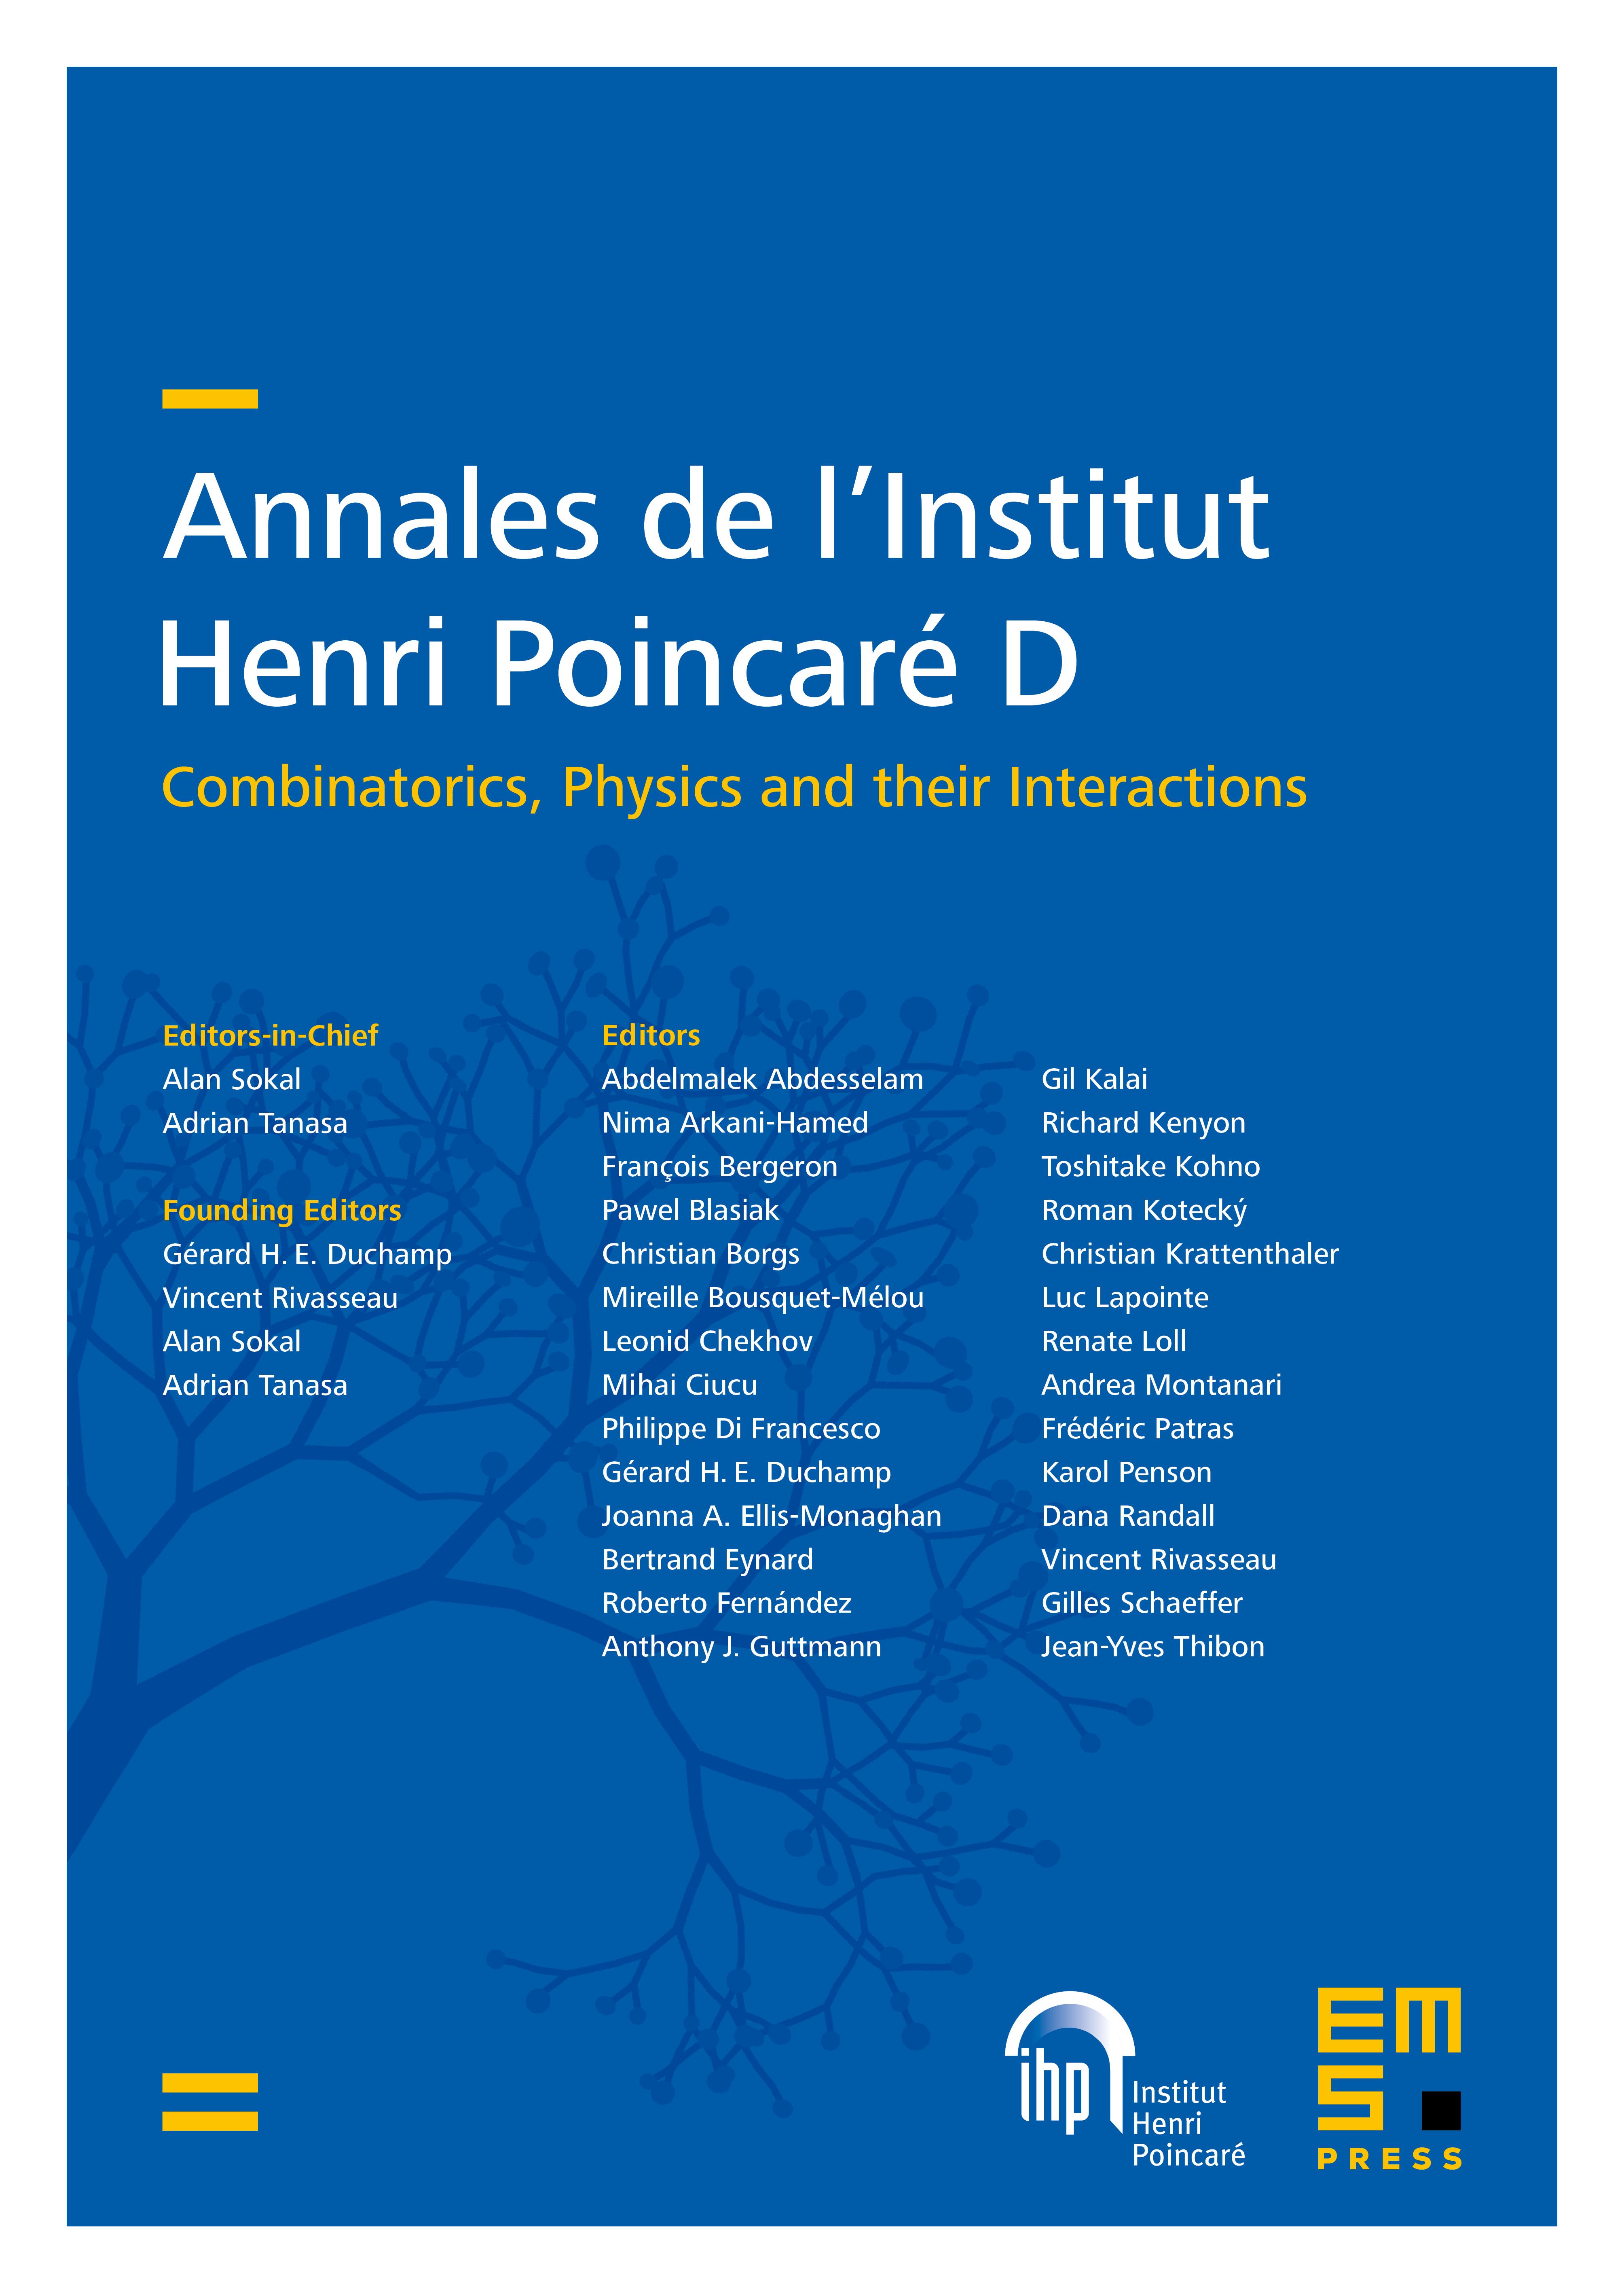 Ann. Inst. Henri Poincaré Comb. Phys. Interact. cover